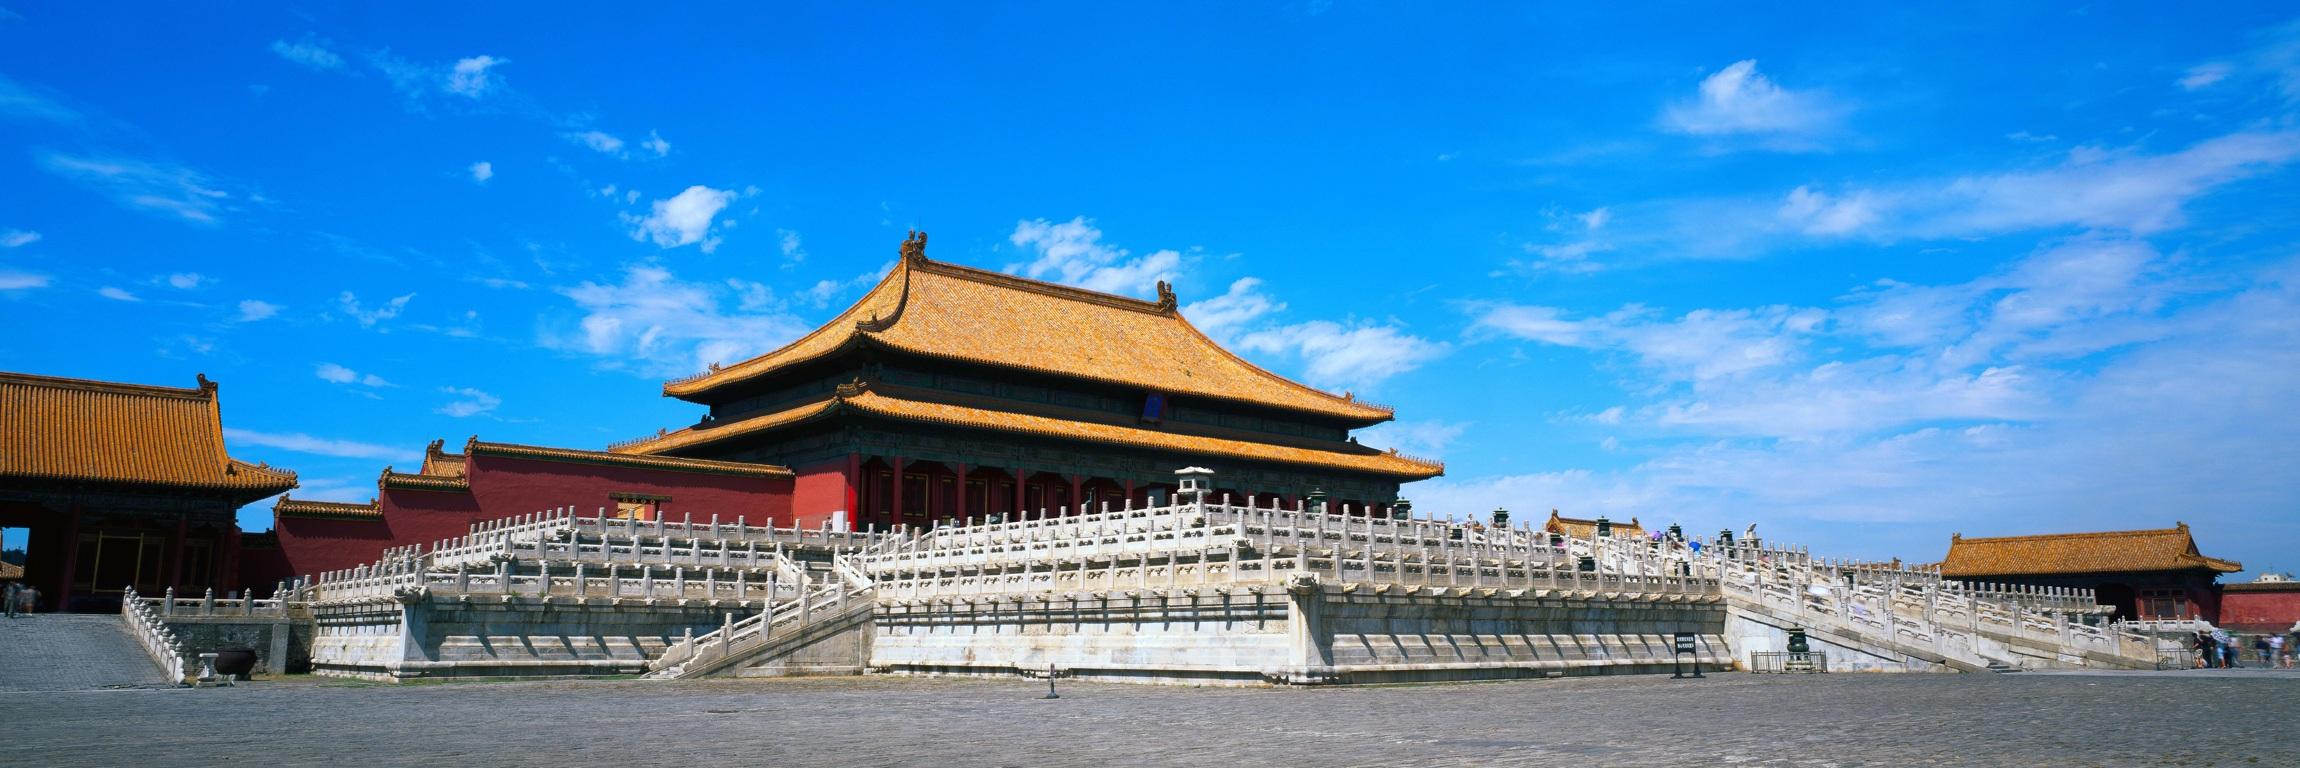 故宮 壁紙 - The Forbidden City WALLPAPER